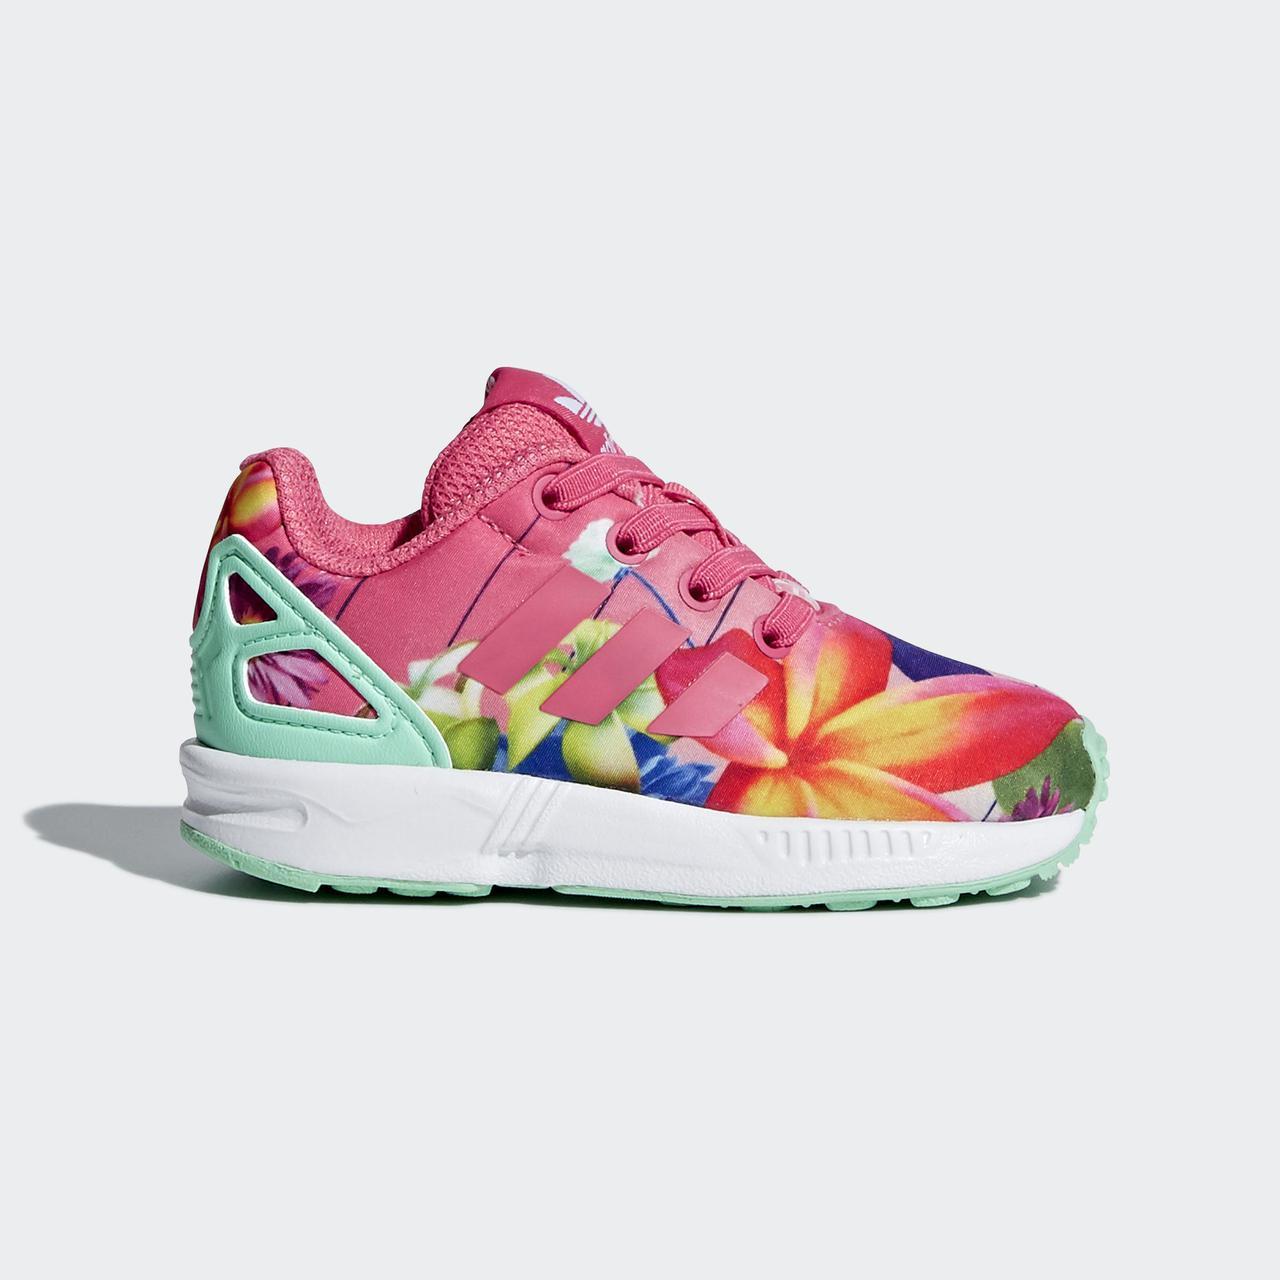 Купить Детские кроссовки Adidas Originals Zx Flux (Артикул  CM8123 ... bb8995a2aa9